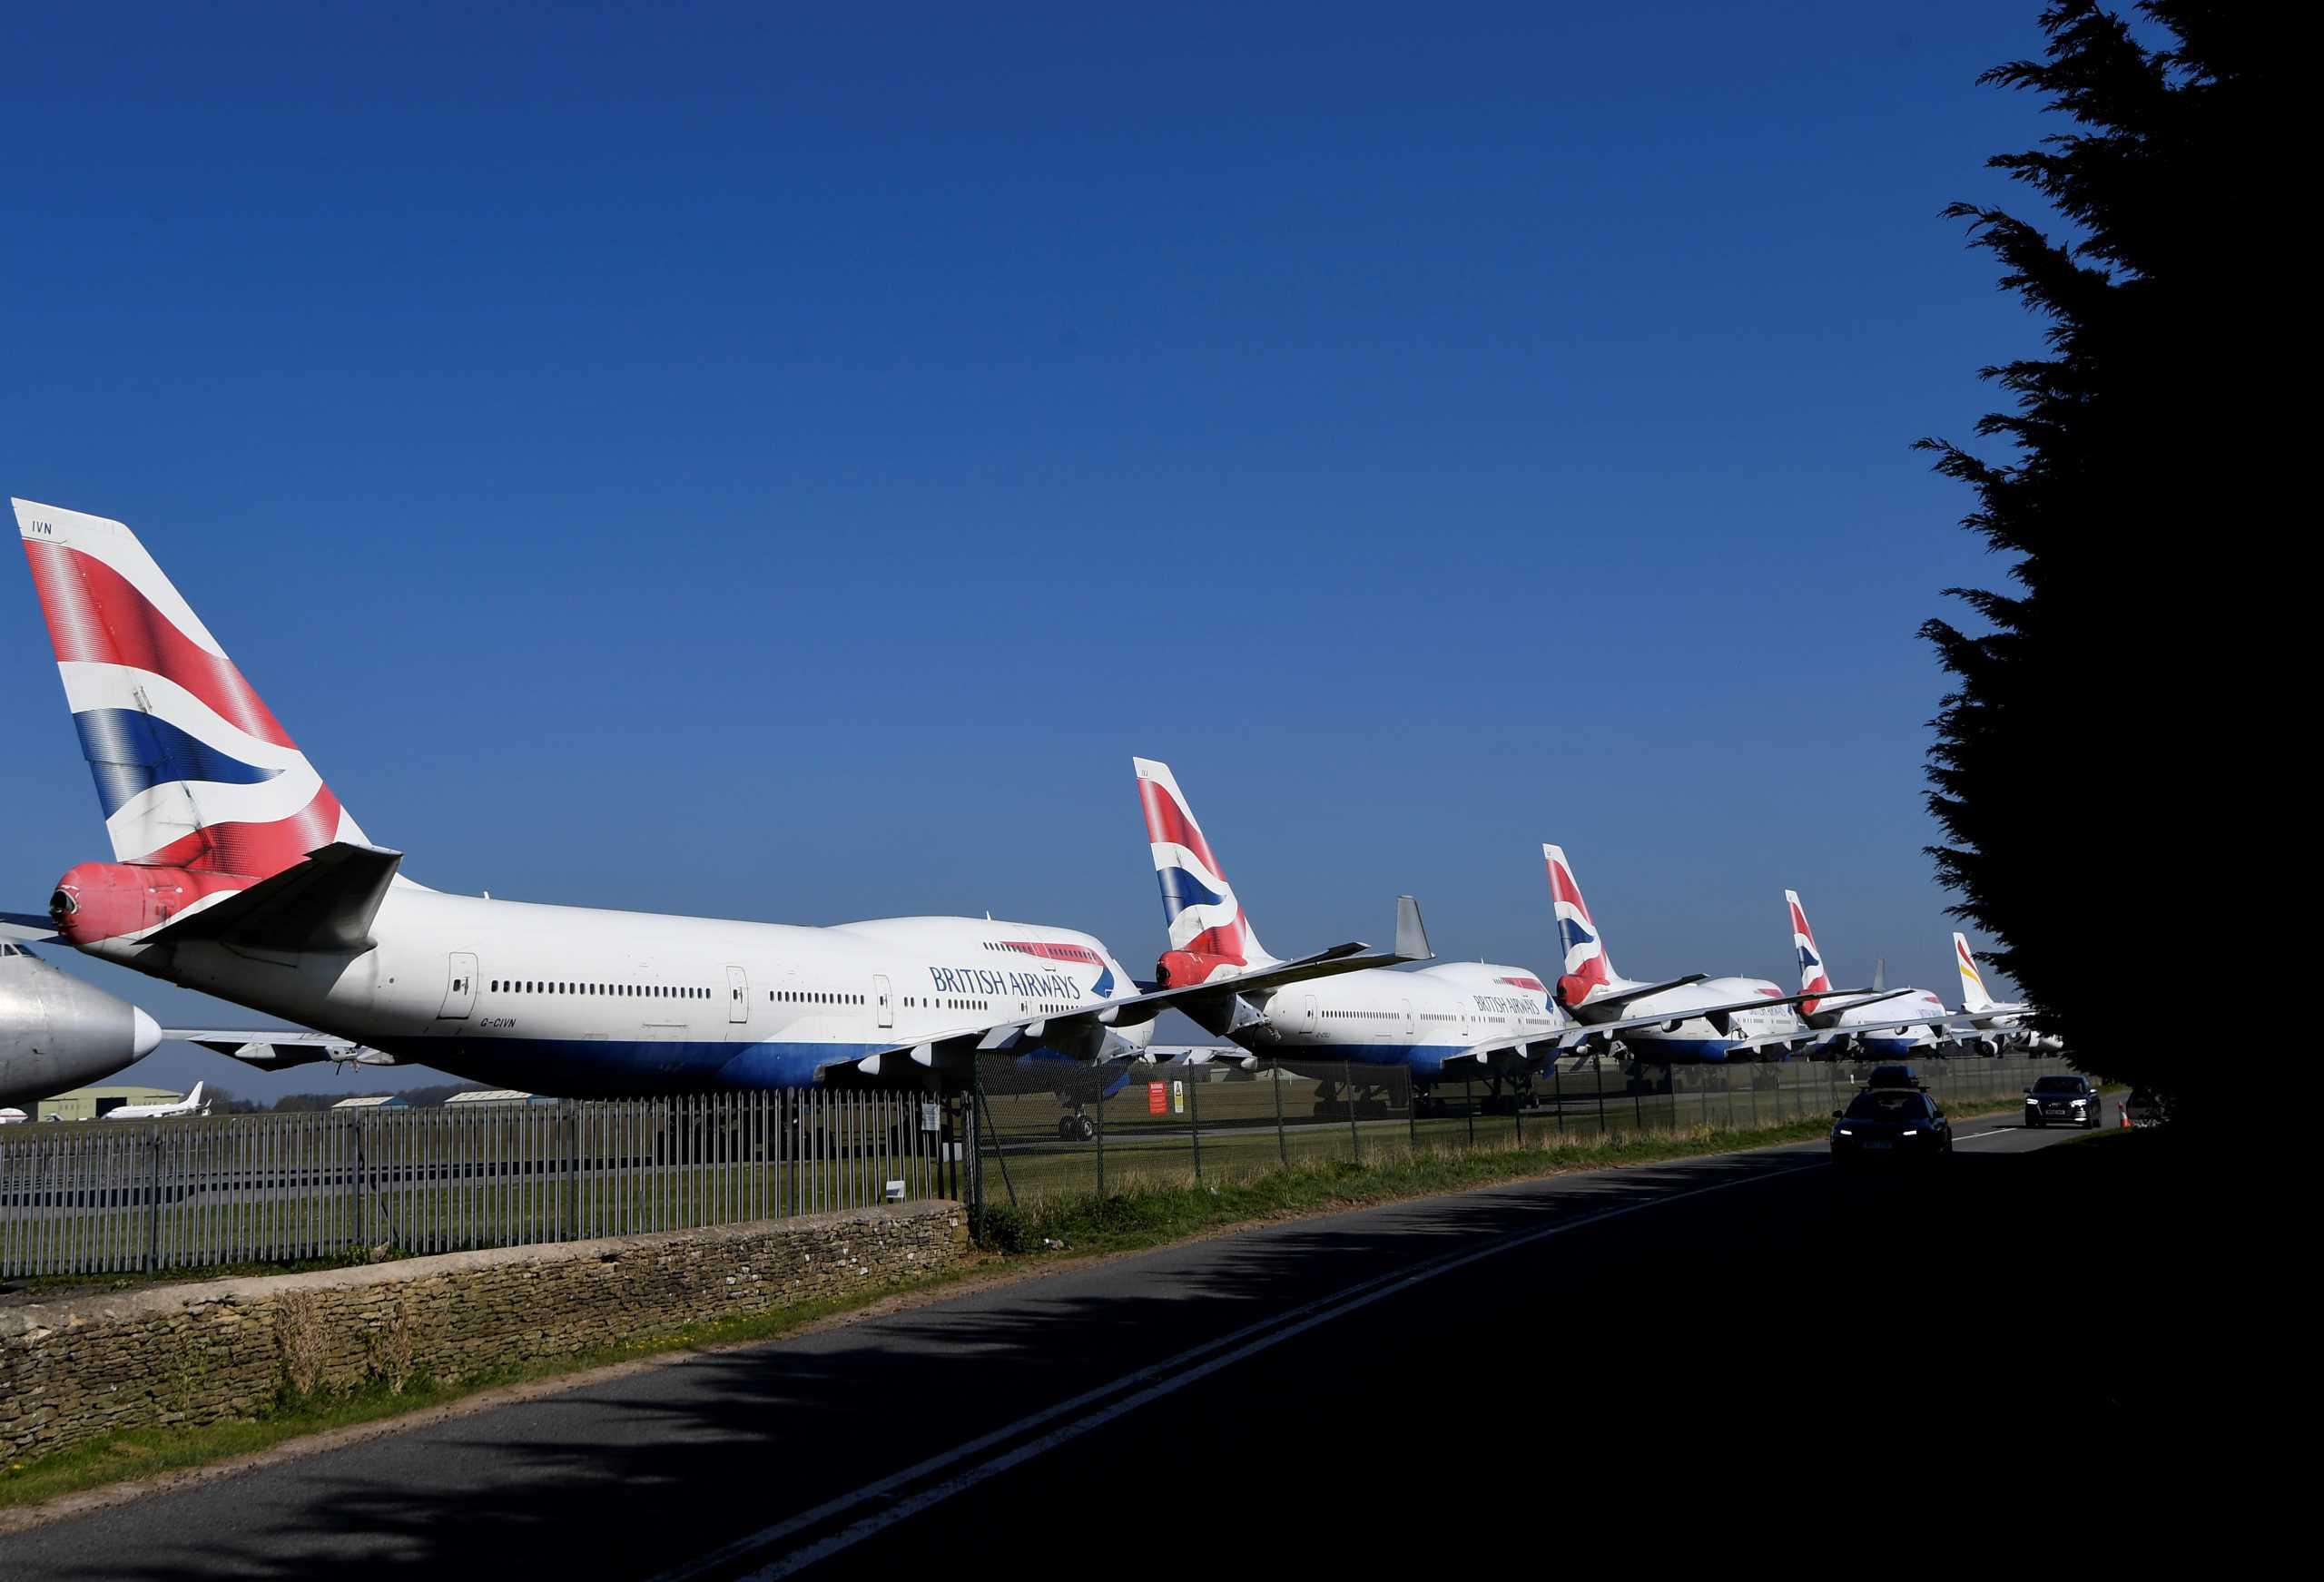 British Airways: Ακυρώνονται οι πτήσεις για Τελ Αβίβ λόγω των συγκρούσεων